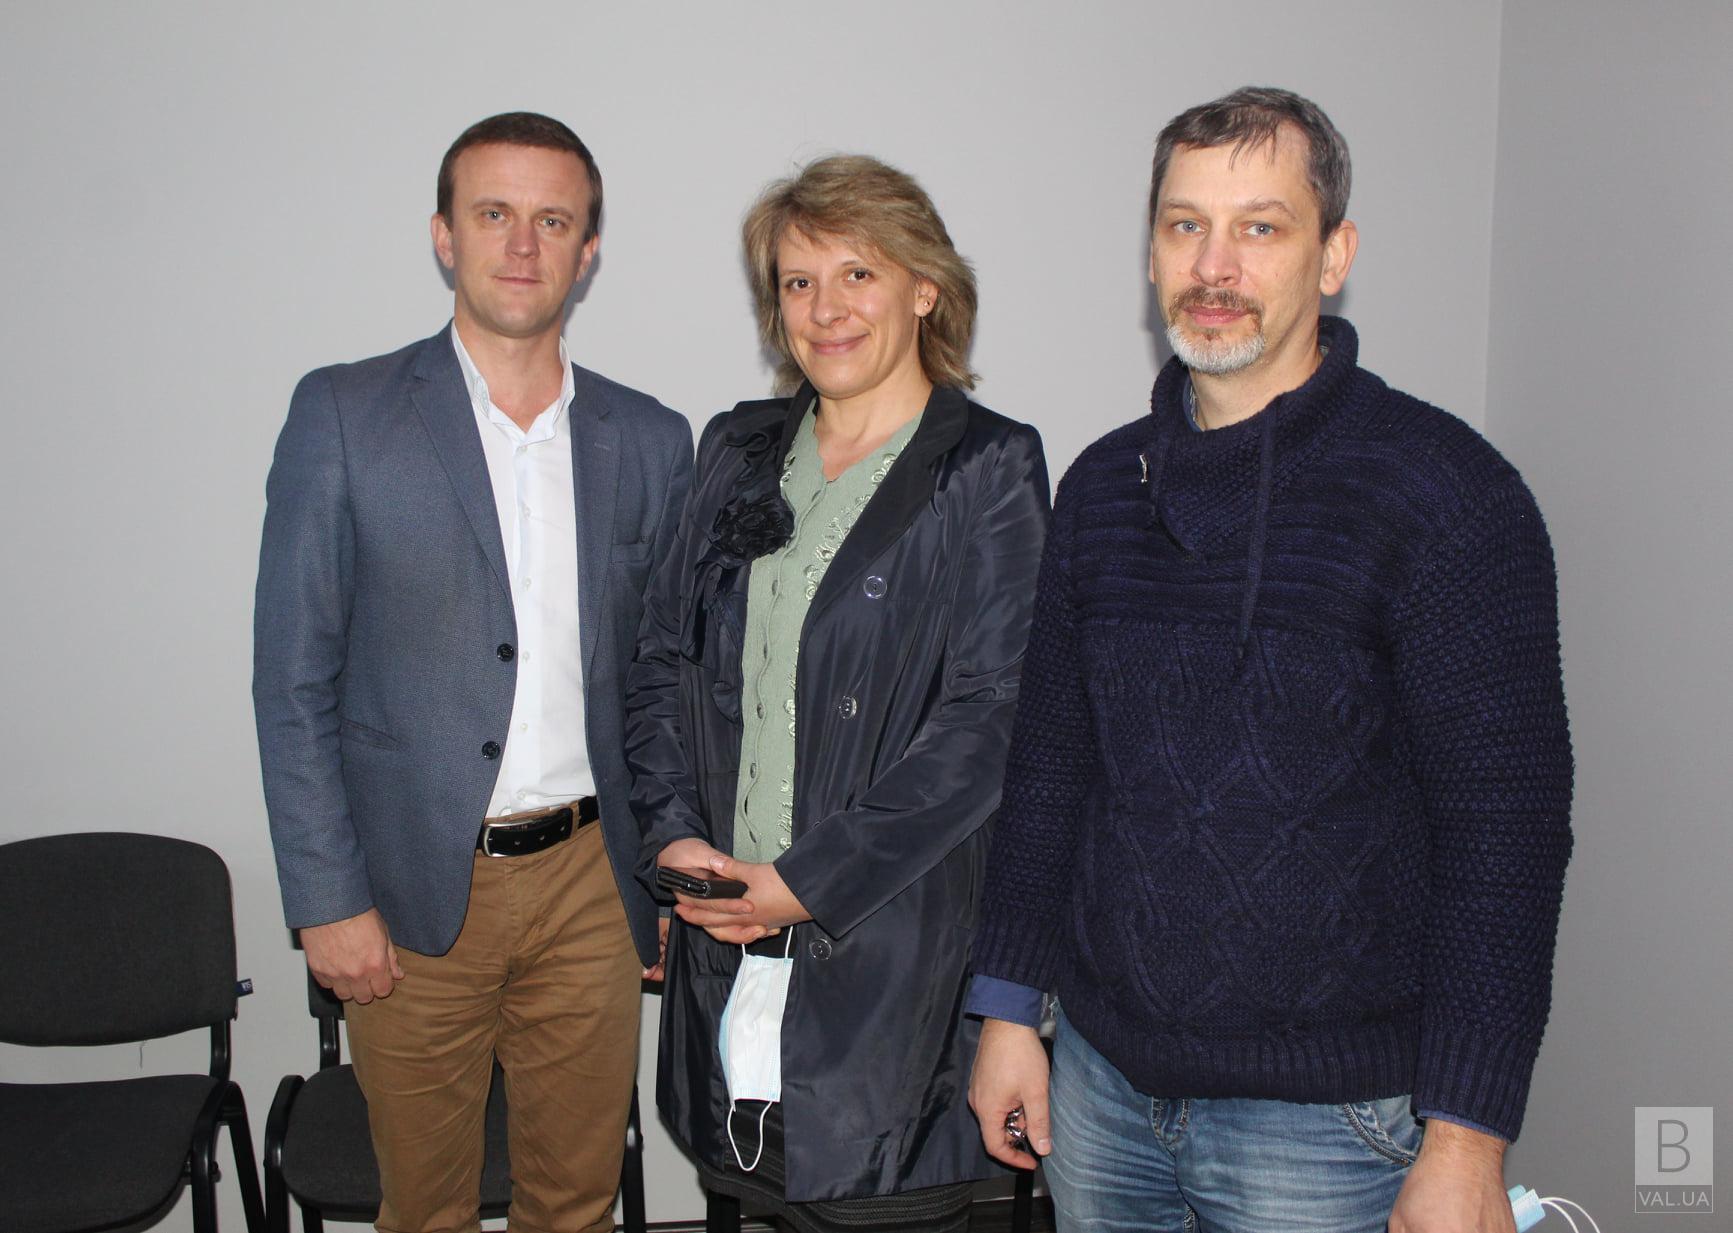 Міська рада на Чернігівщині придбала великий будинок для подружжя медиків